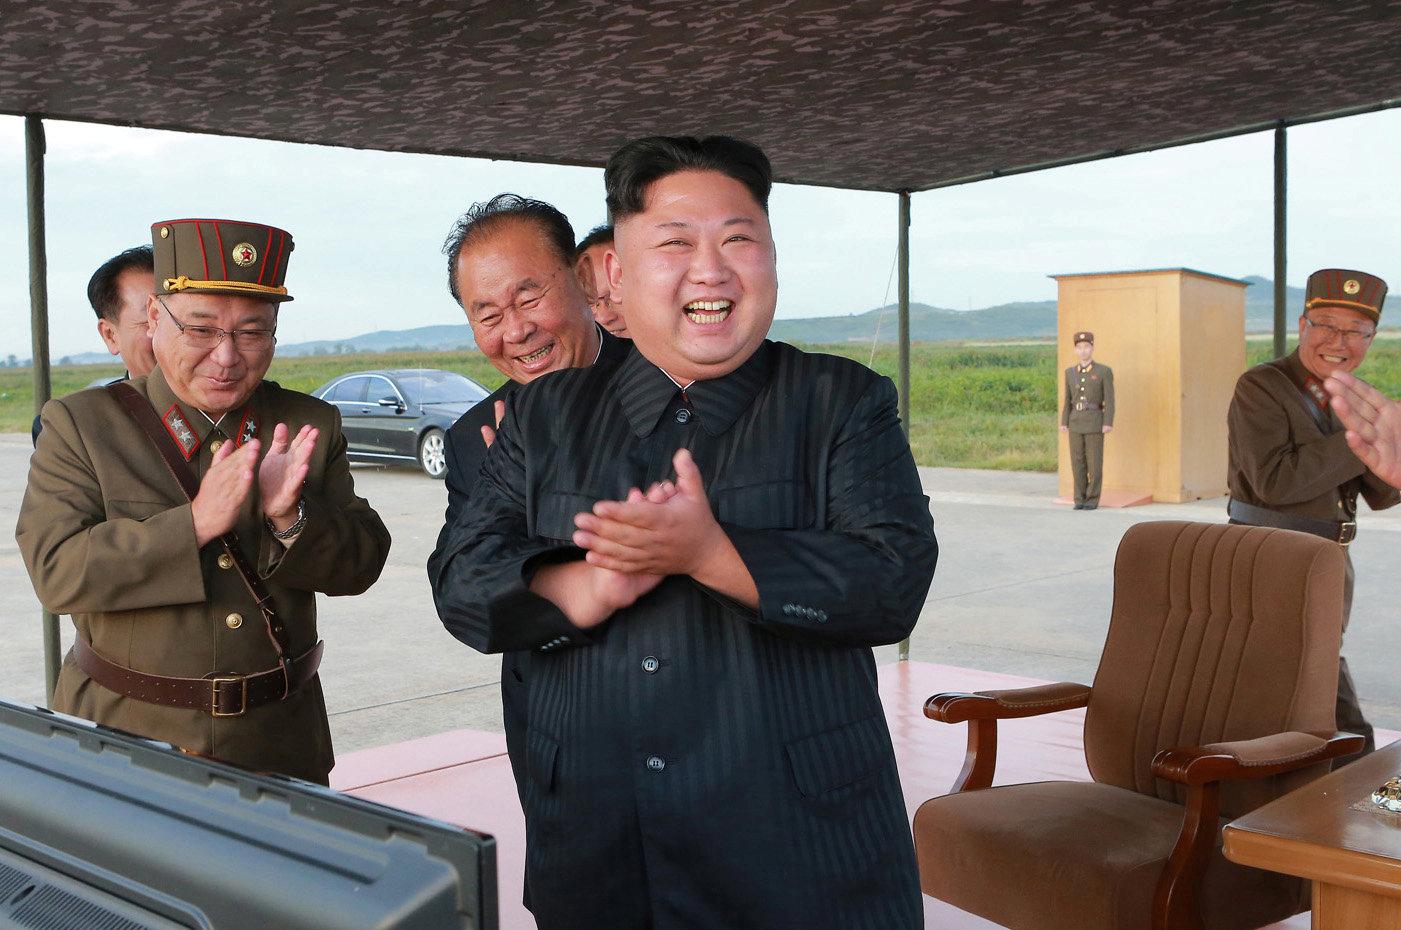 Imagem distribuída pela Coreia do Norte do momento do lançamento do míssil de sexta-feira